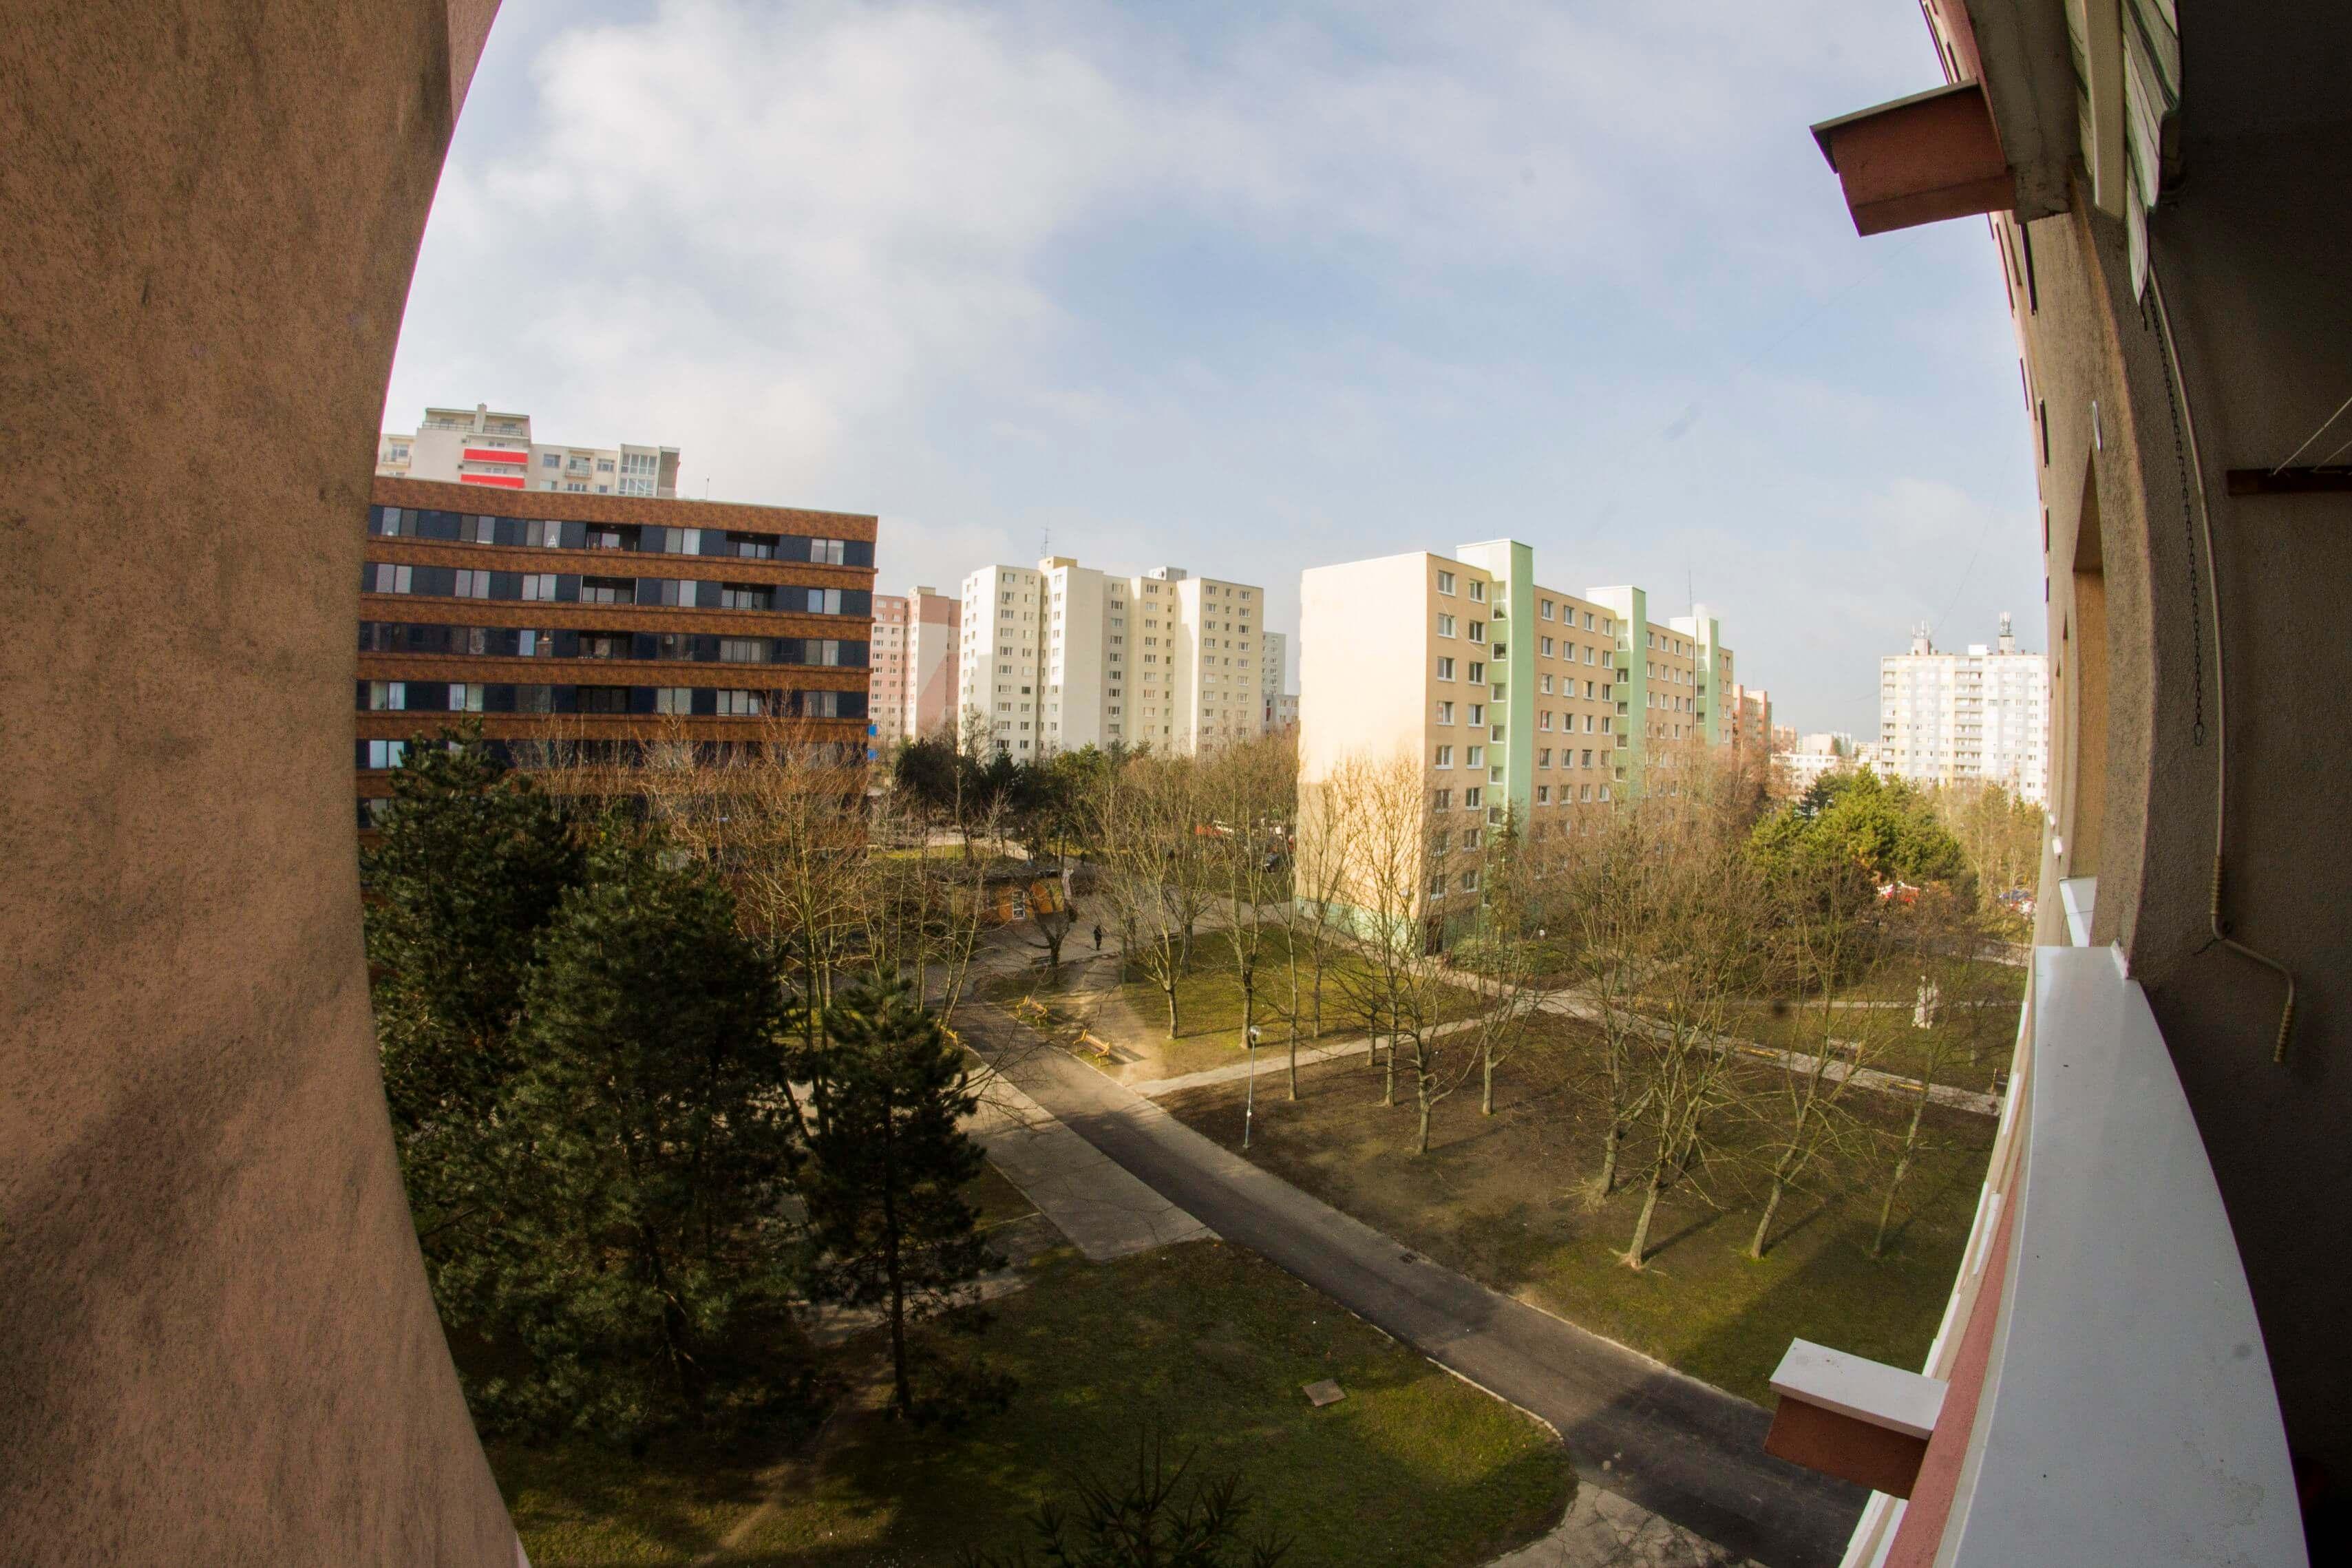 Predané – 4 izbový byt po čiastočnej rekonštrukcii s krásnym výhľadom 73m2 + 4m2 loggia-16